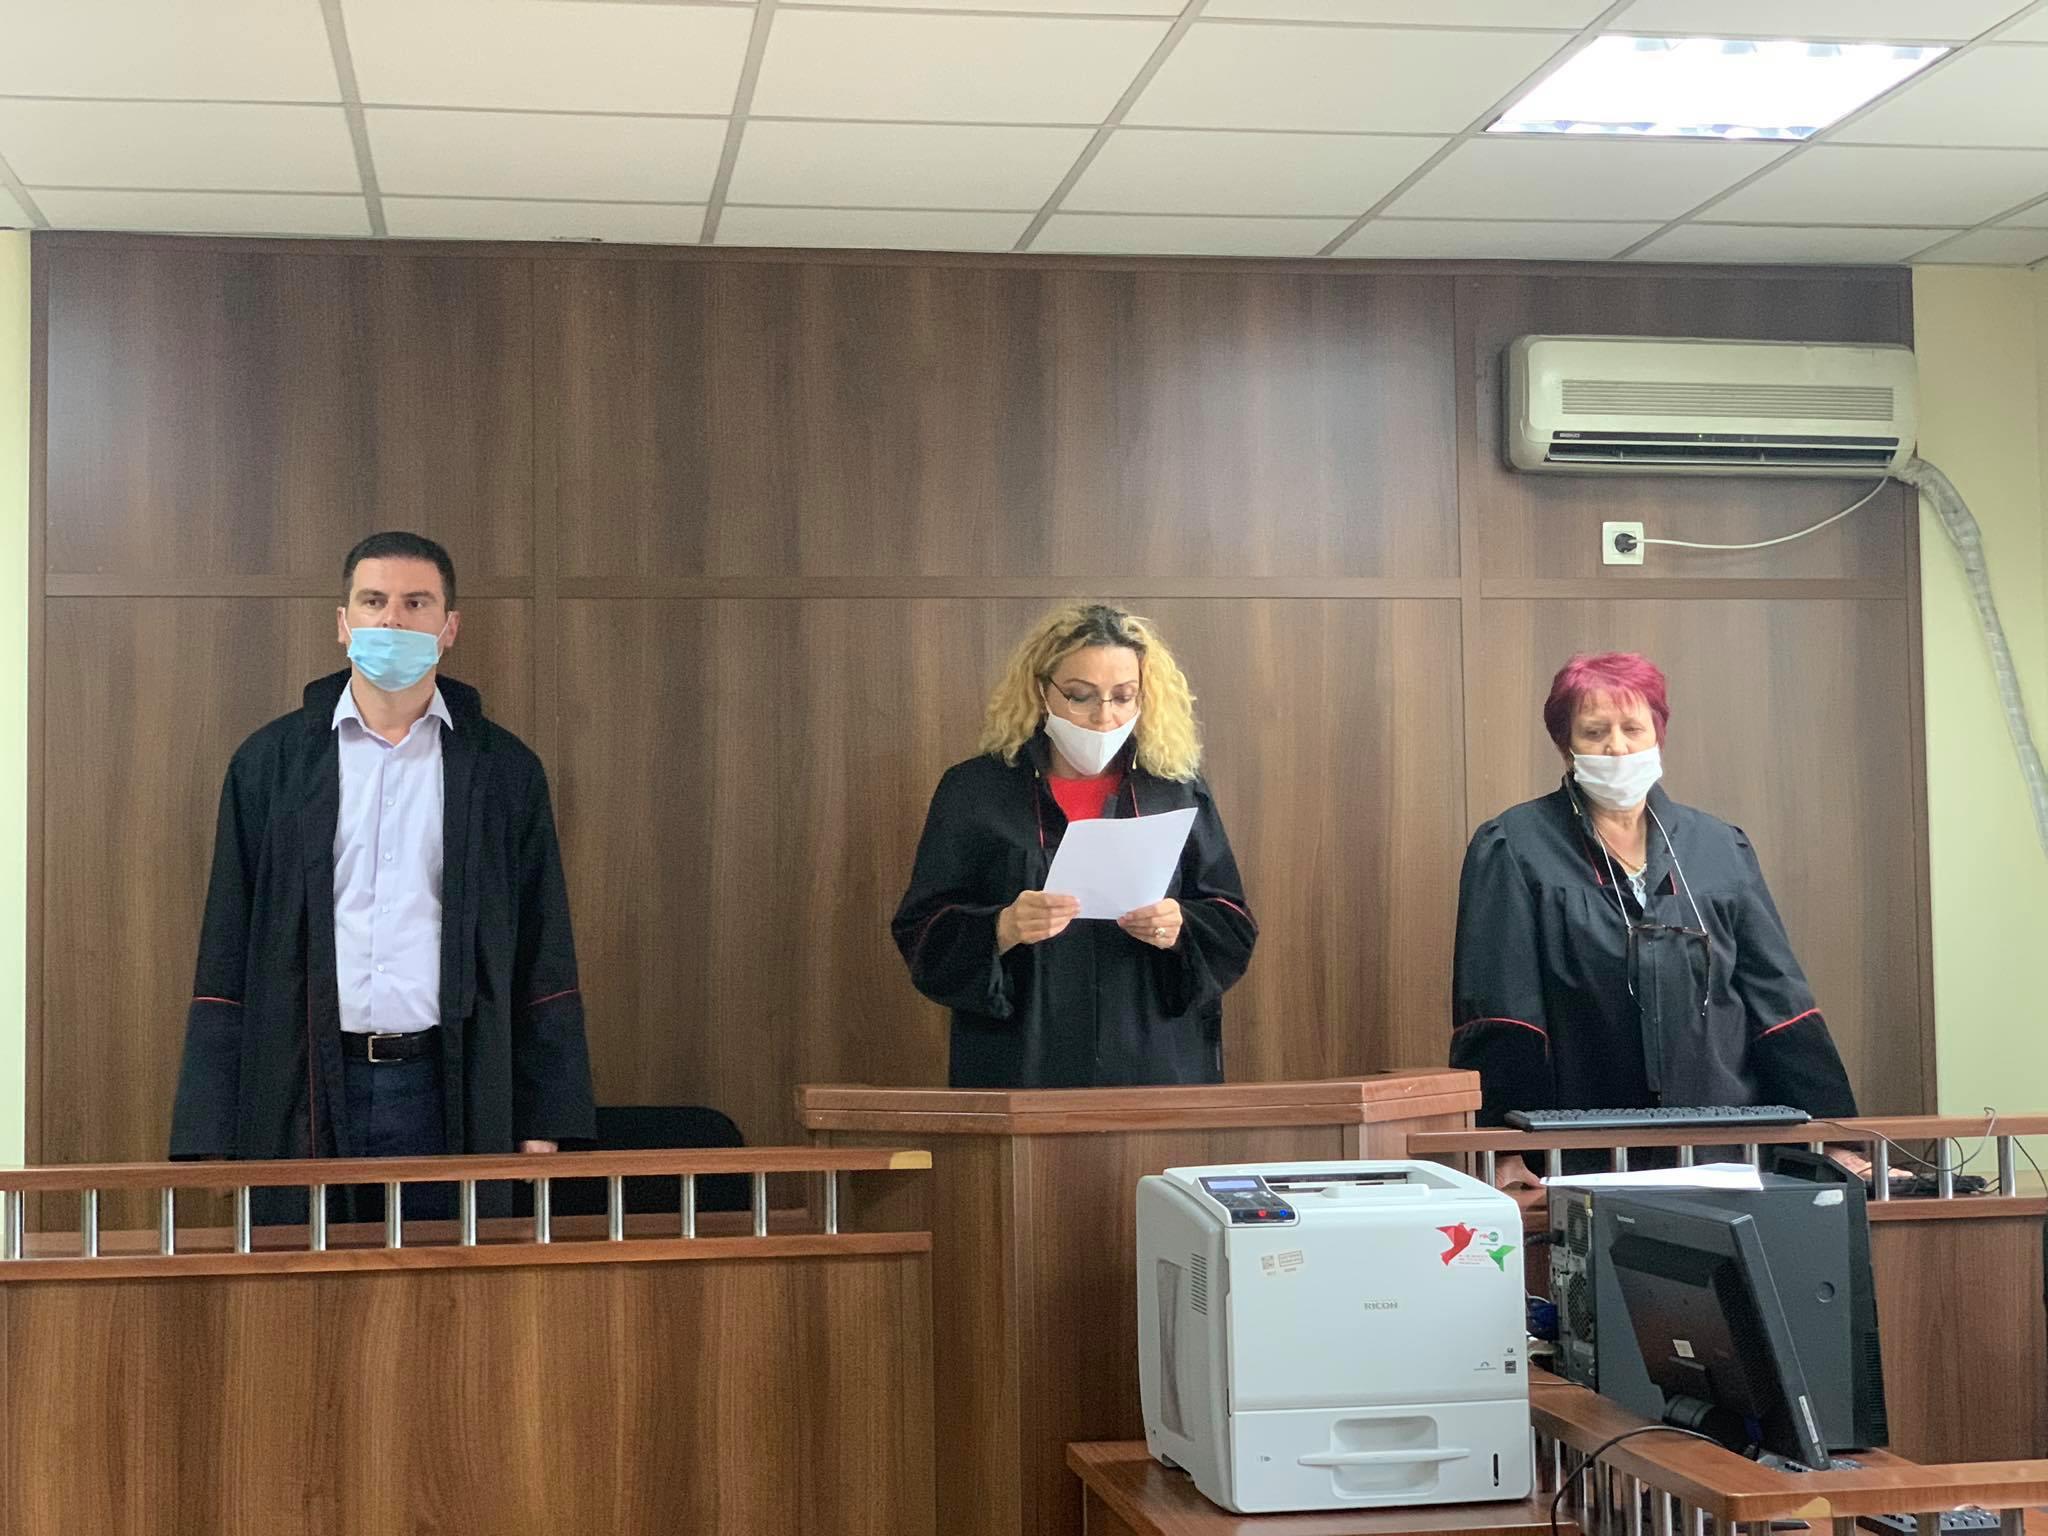 Gjykata Themelore në Pejë shpalli aktgjykim dënues për vepër penale vrasje e rëndë e mbetur në tentativë